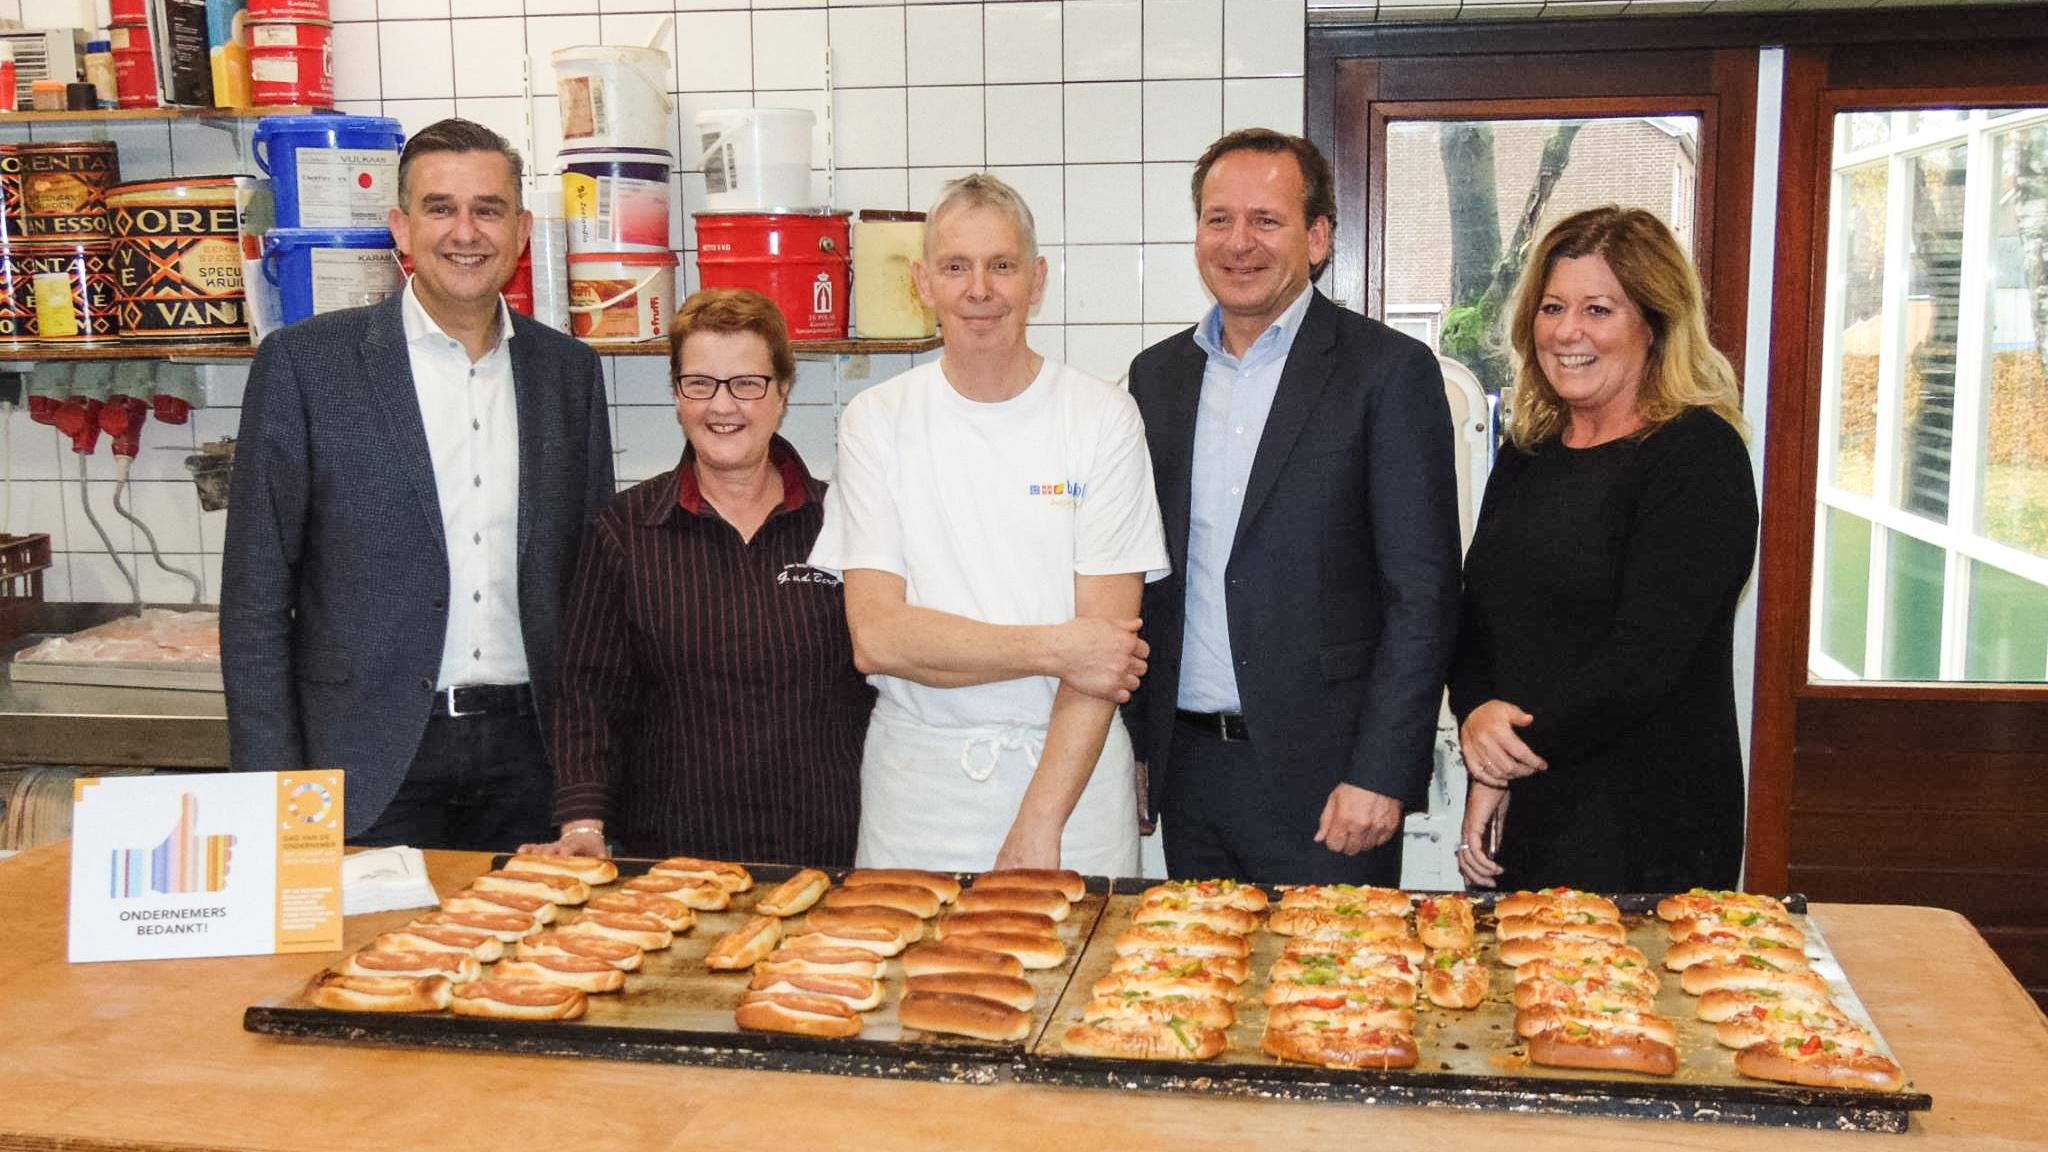 Emile Roemer bedankt bakkerij Van den Bergh in Afferden